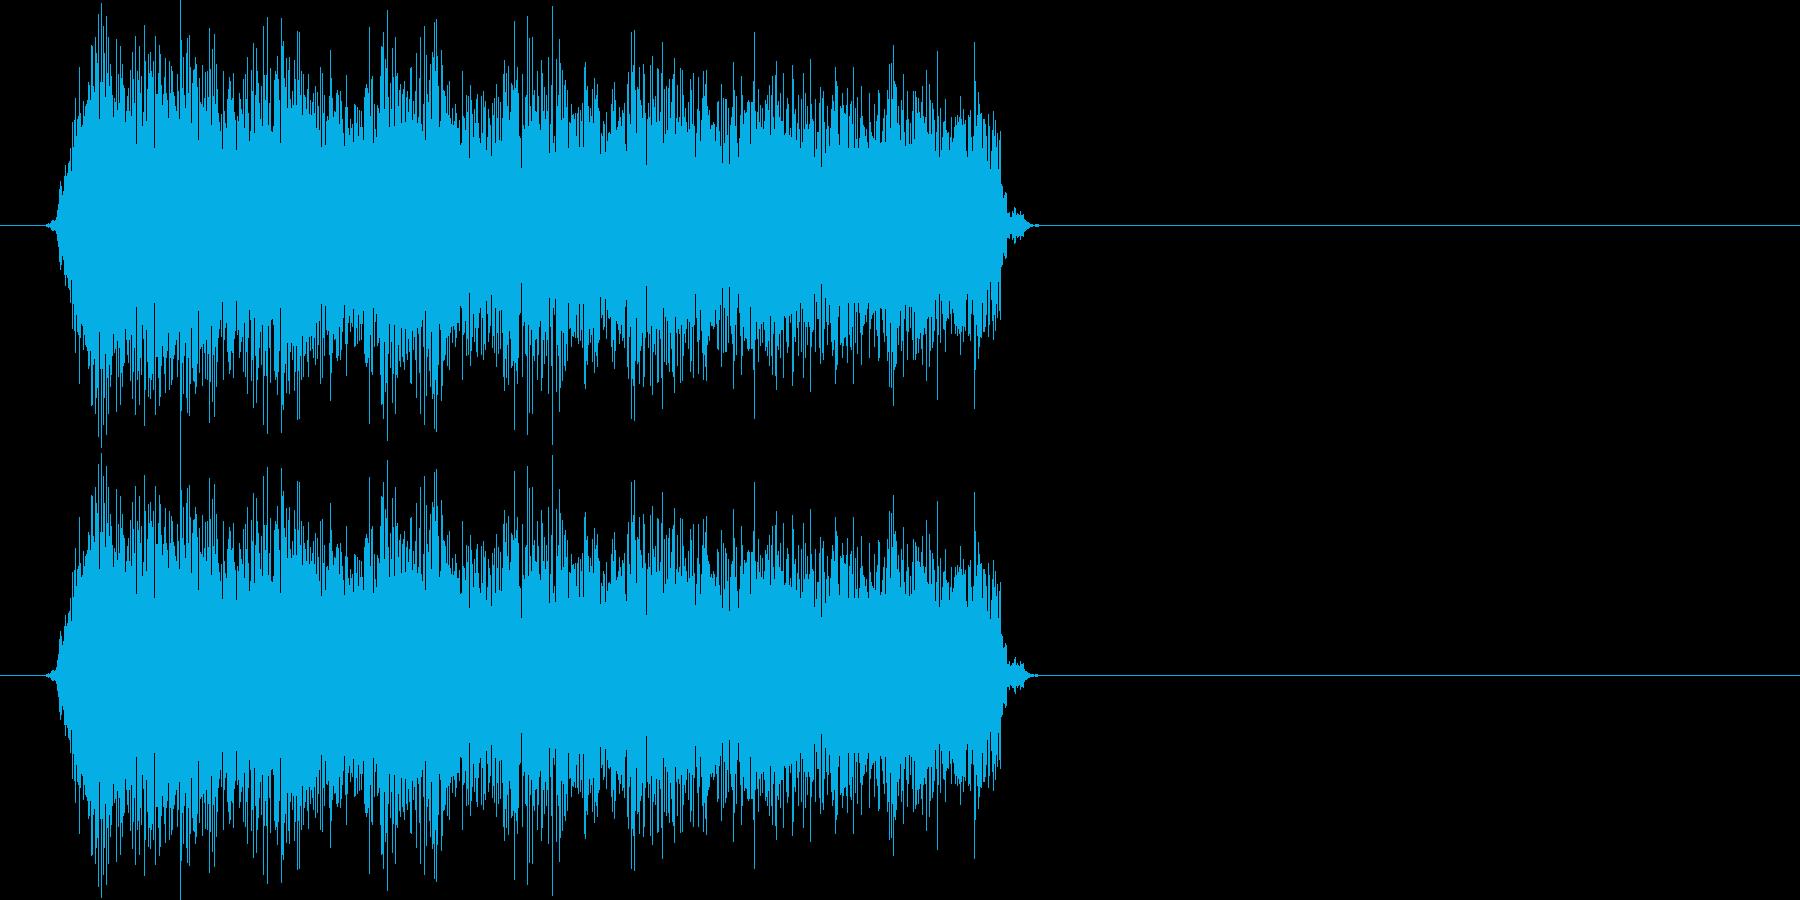 パパパパパッ(バルカン、連射ショット)の再生済みの波形